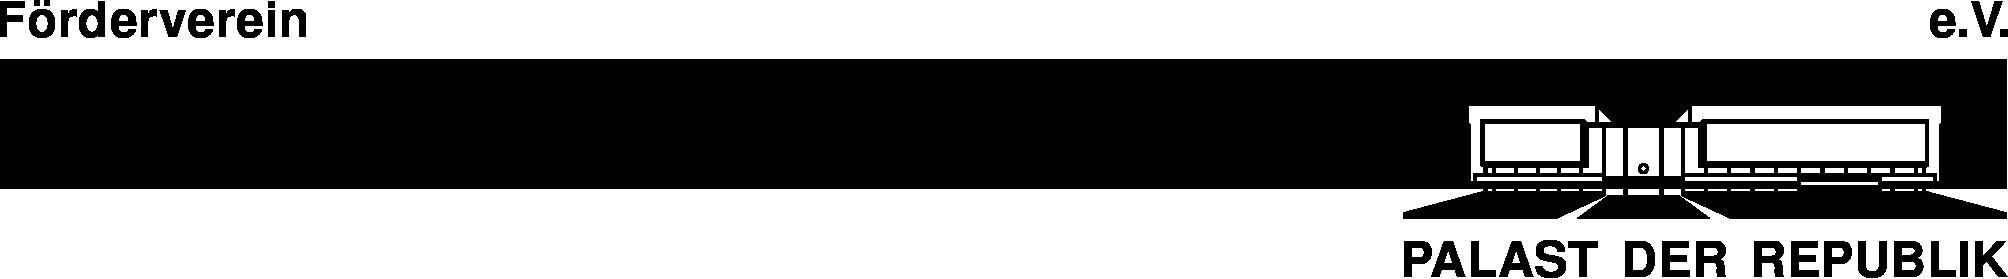 Briefkopf Förderverein Palast der Republik e.V.